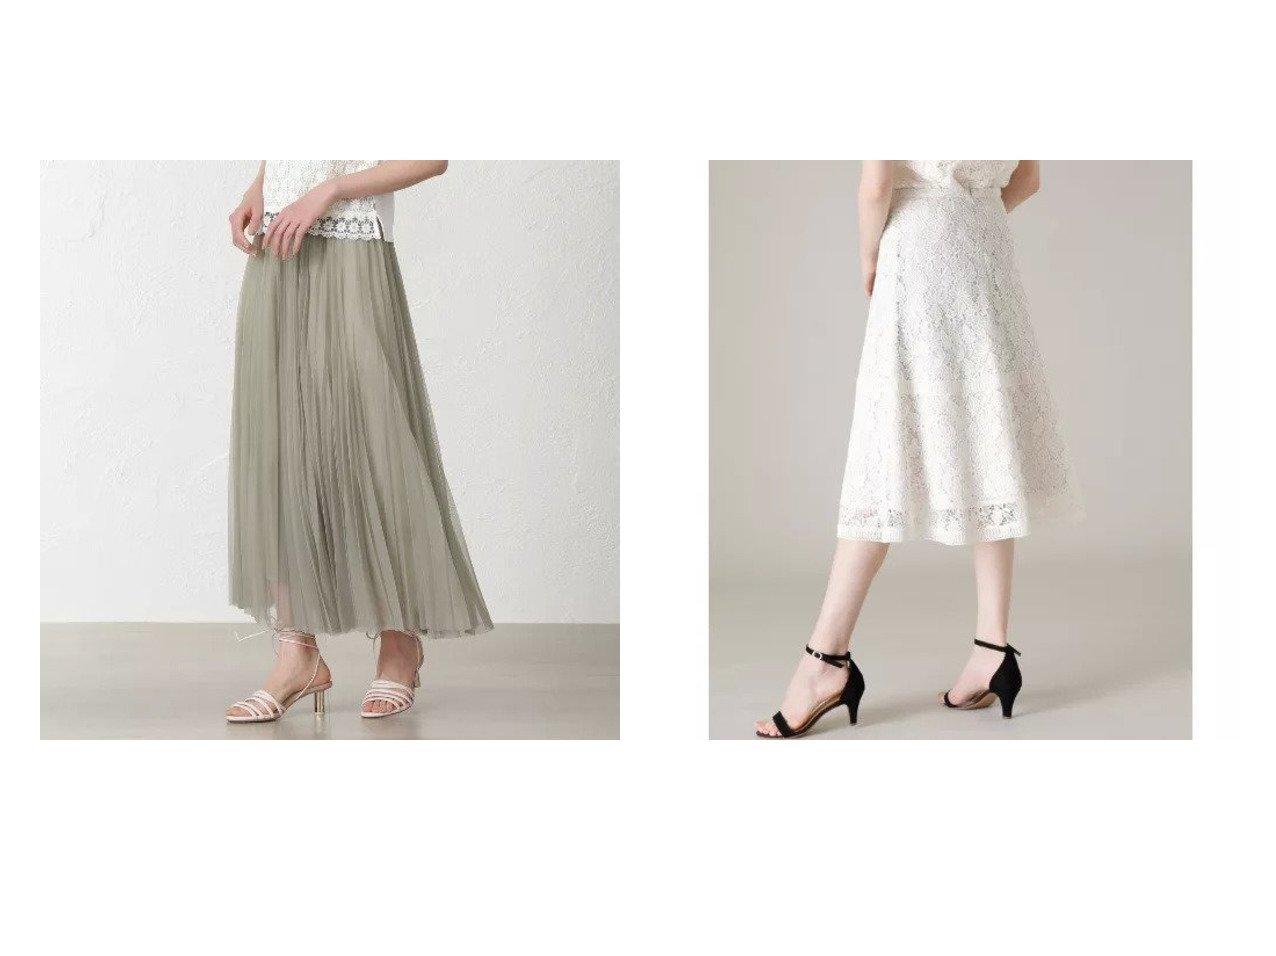 【ef-de/エフデ】の《Maglie WHITE》トルコレースフレアスカート&【EPOCA THE SHOP/エポカ ザ ショップ】の【REKISAMI】チュールプリーツスカート 【スカート】おすすめ!人気、トレンド・レディースファッションの通販 おすすめで人気の流行・トレンド、ファッションの通販商品 メンズファッション・キッズファッション・インテリア・家具・レディースファッション・服の通販 founy(ファニー) https://founy.com/ ファッション Fashion レディースファッション WOMEN スカート Skirt Aライン/フレアスカート Flared A-Line Skirts プリーツスカート Pleated Skirts おすすめ Recommend ケミカル ティアード フラワー フレア ボタニカル モチーフ レース 人気 春 Spring セットアップ チュール プリーツ マキシ ロング |ID:crp329100000029132